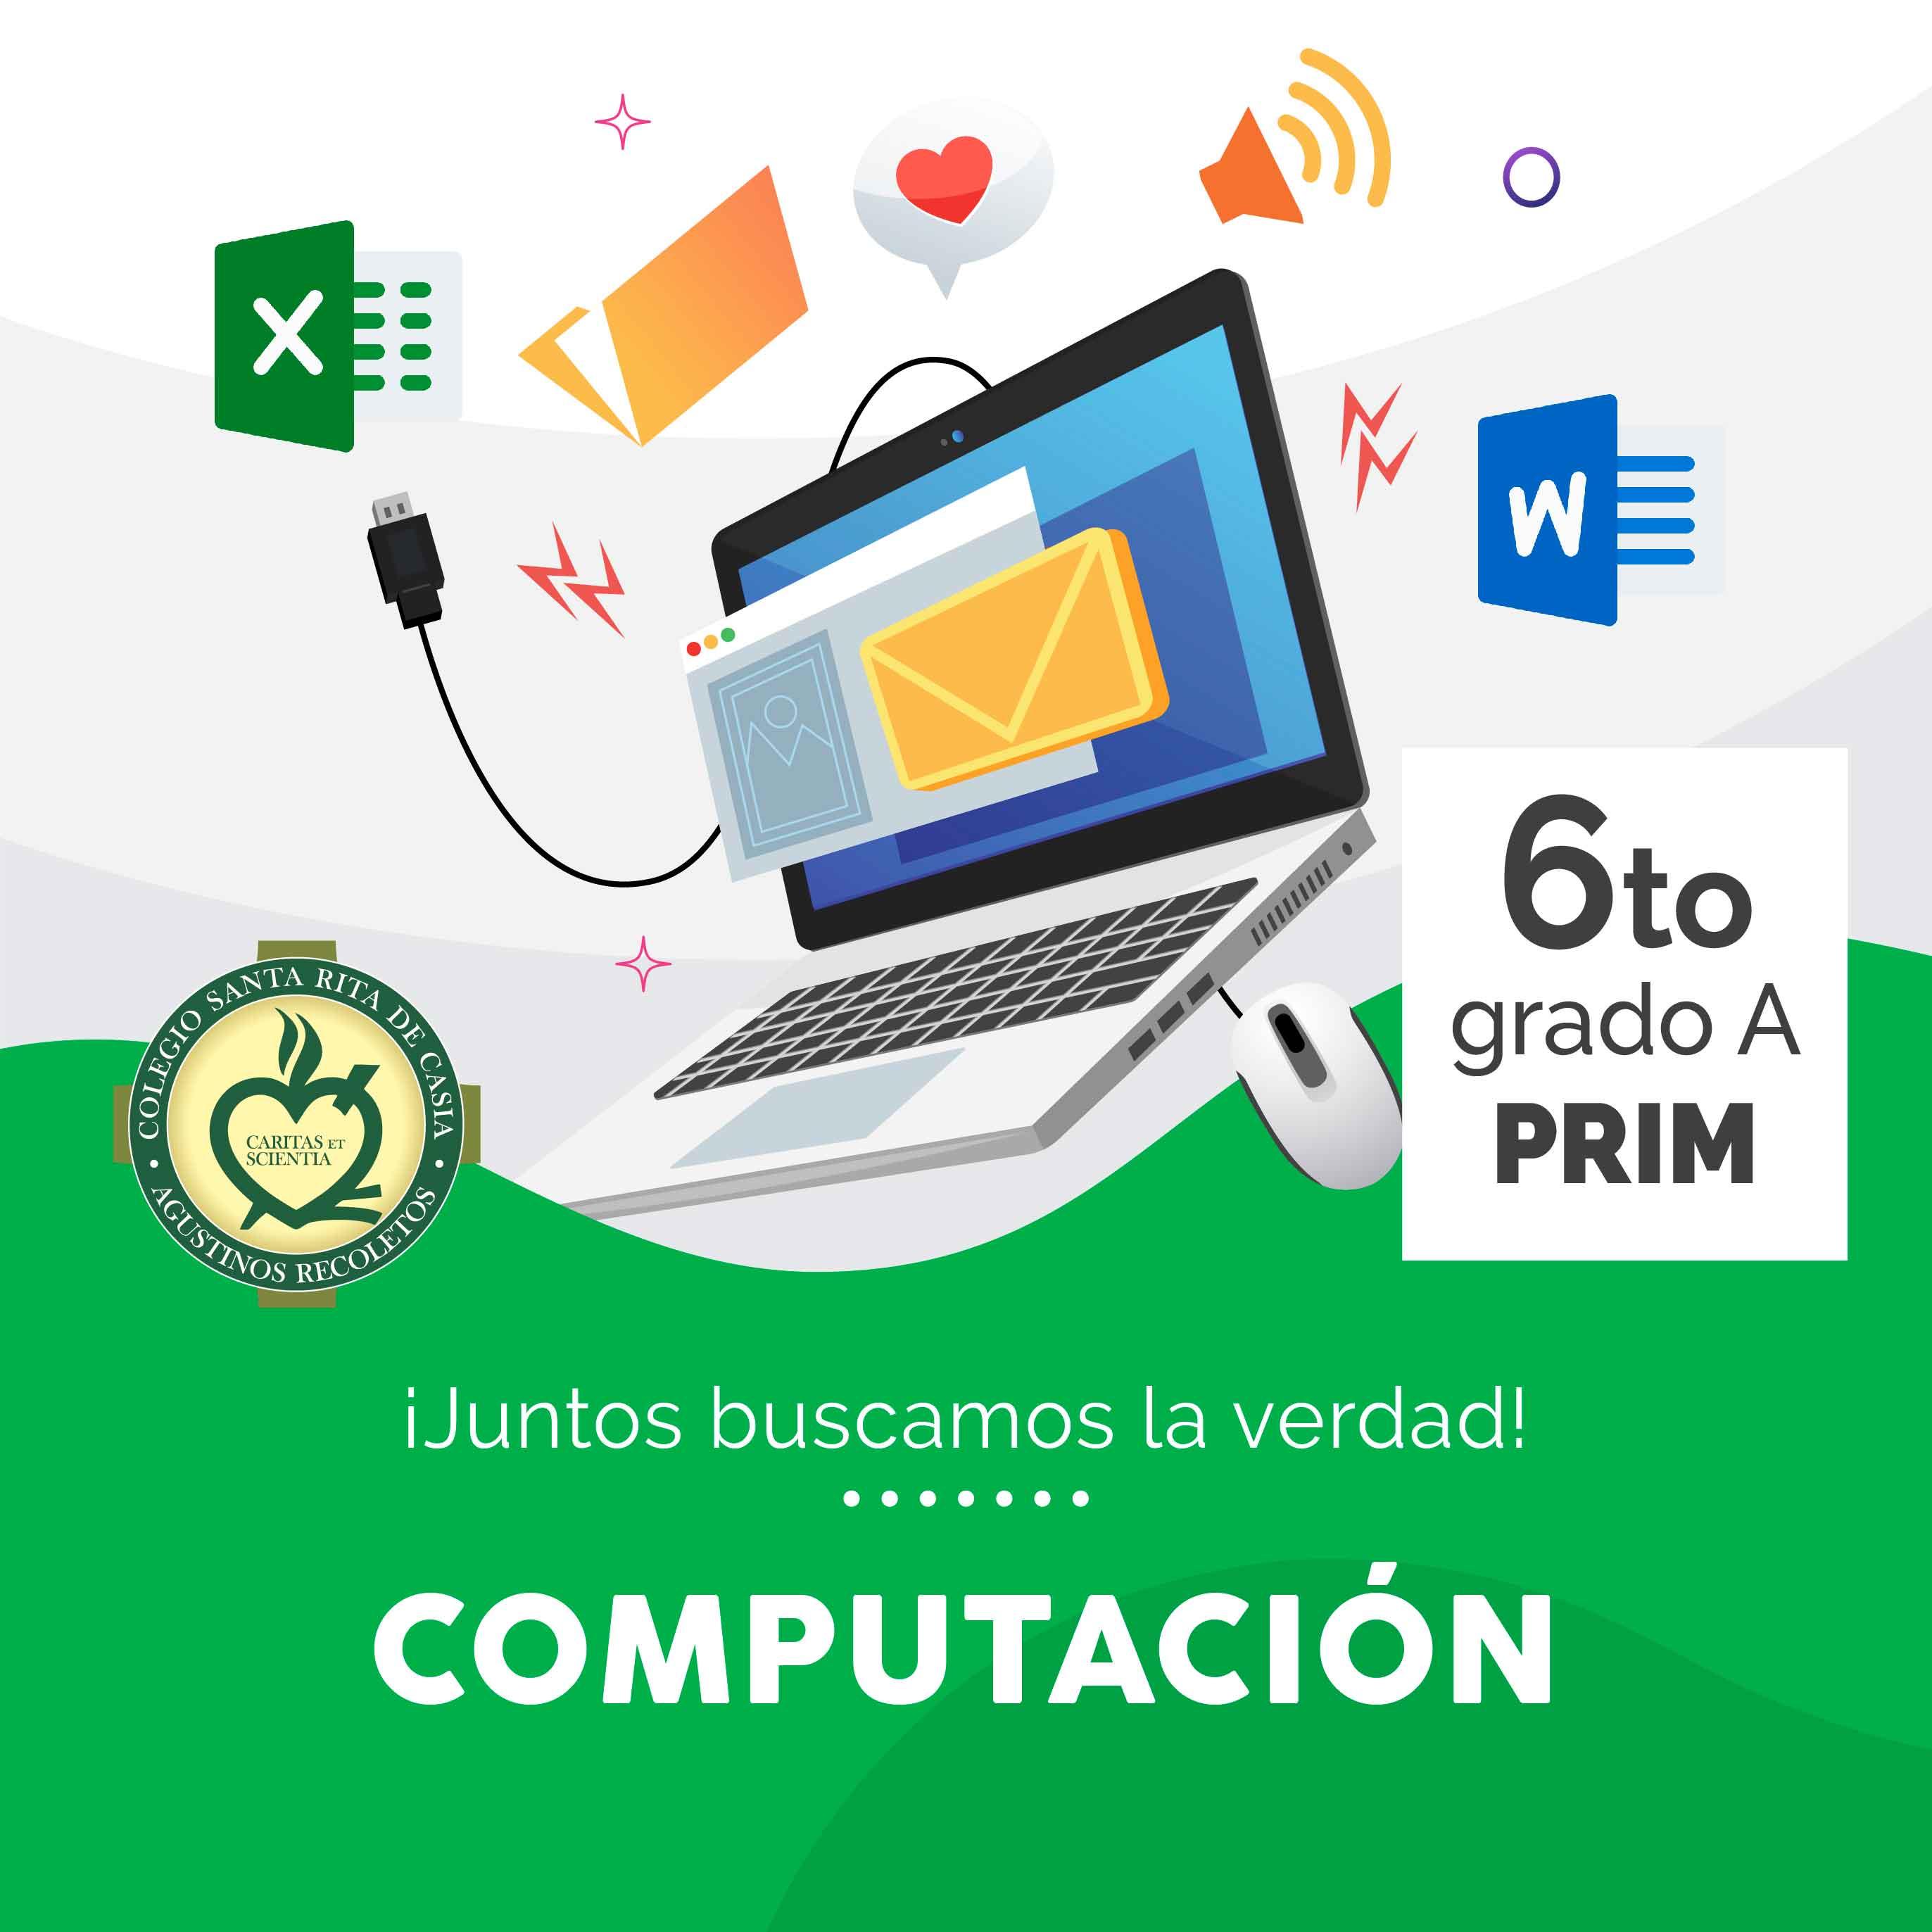 Computación 6to Grado A